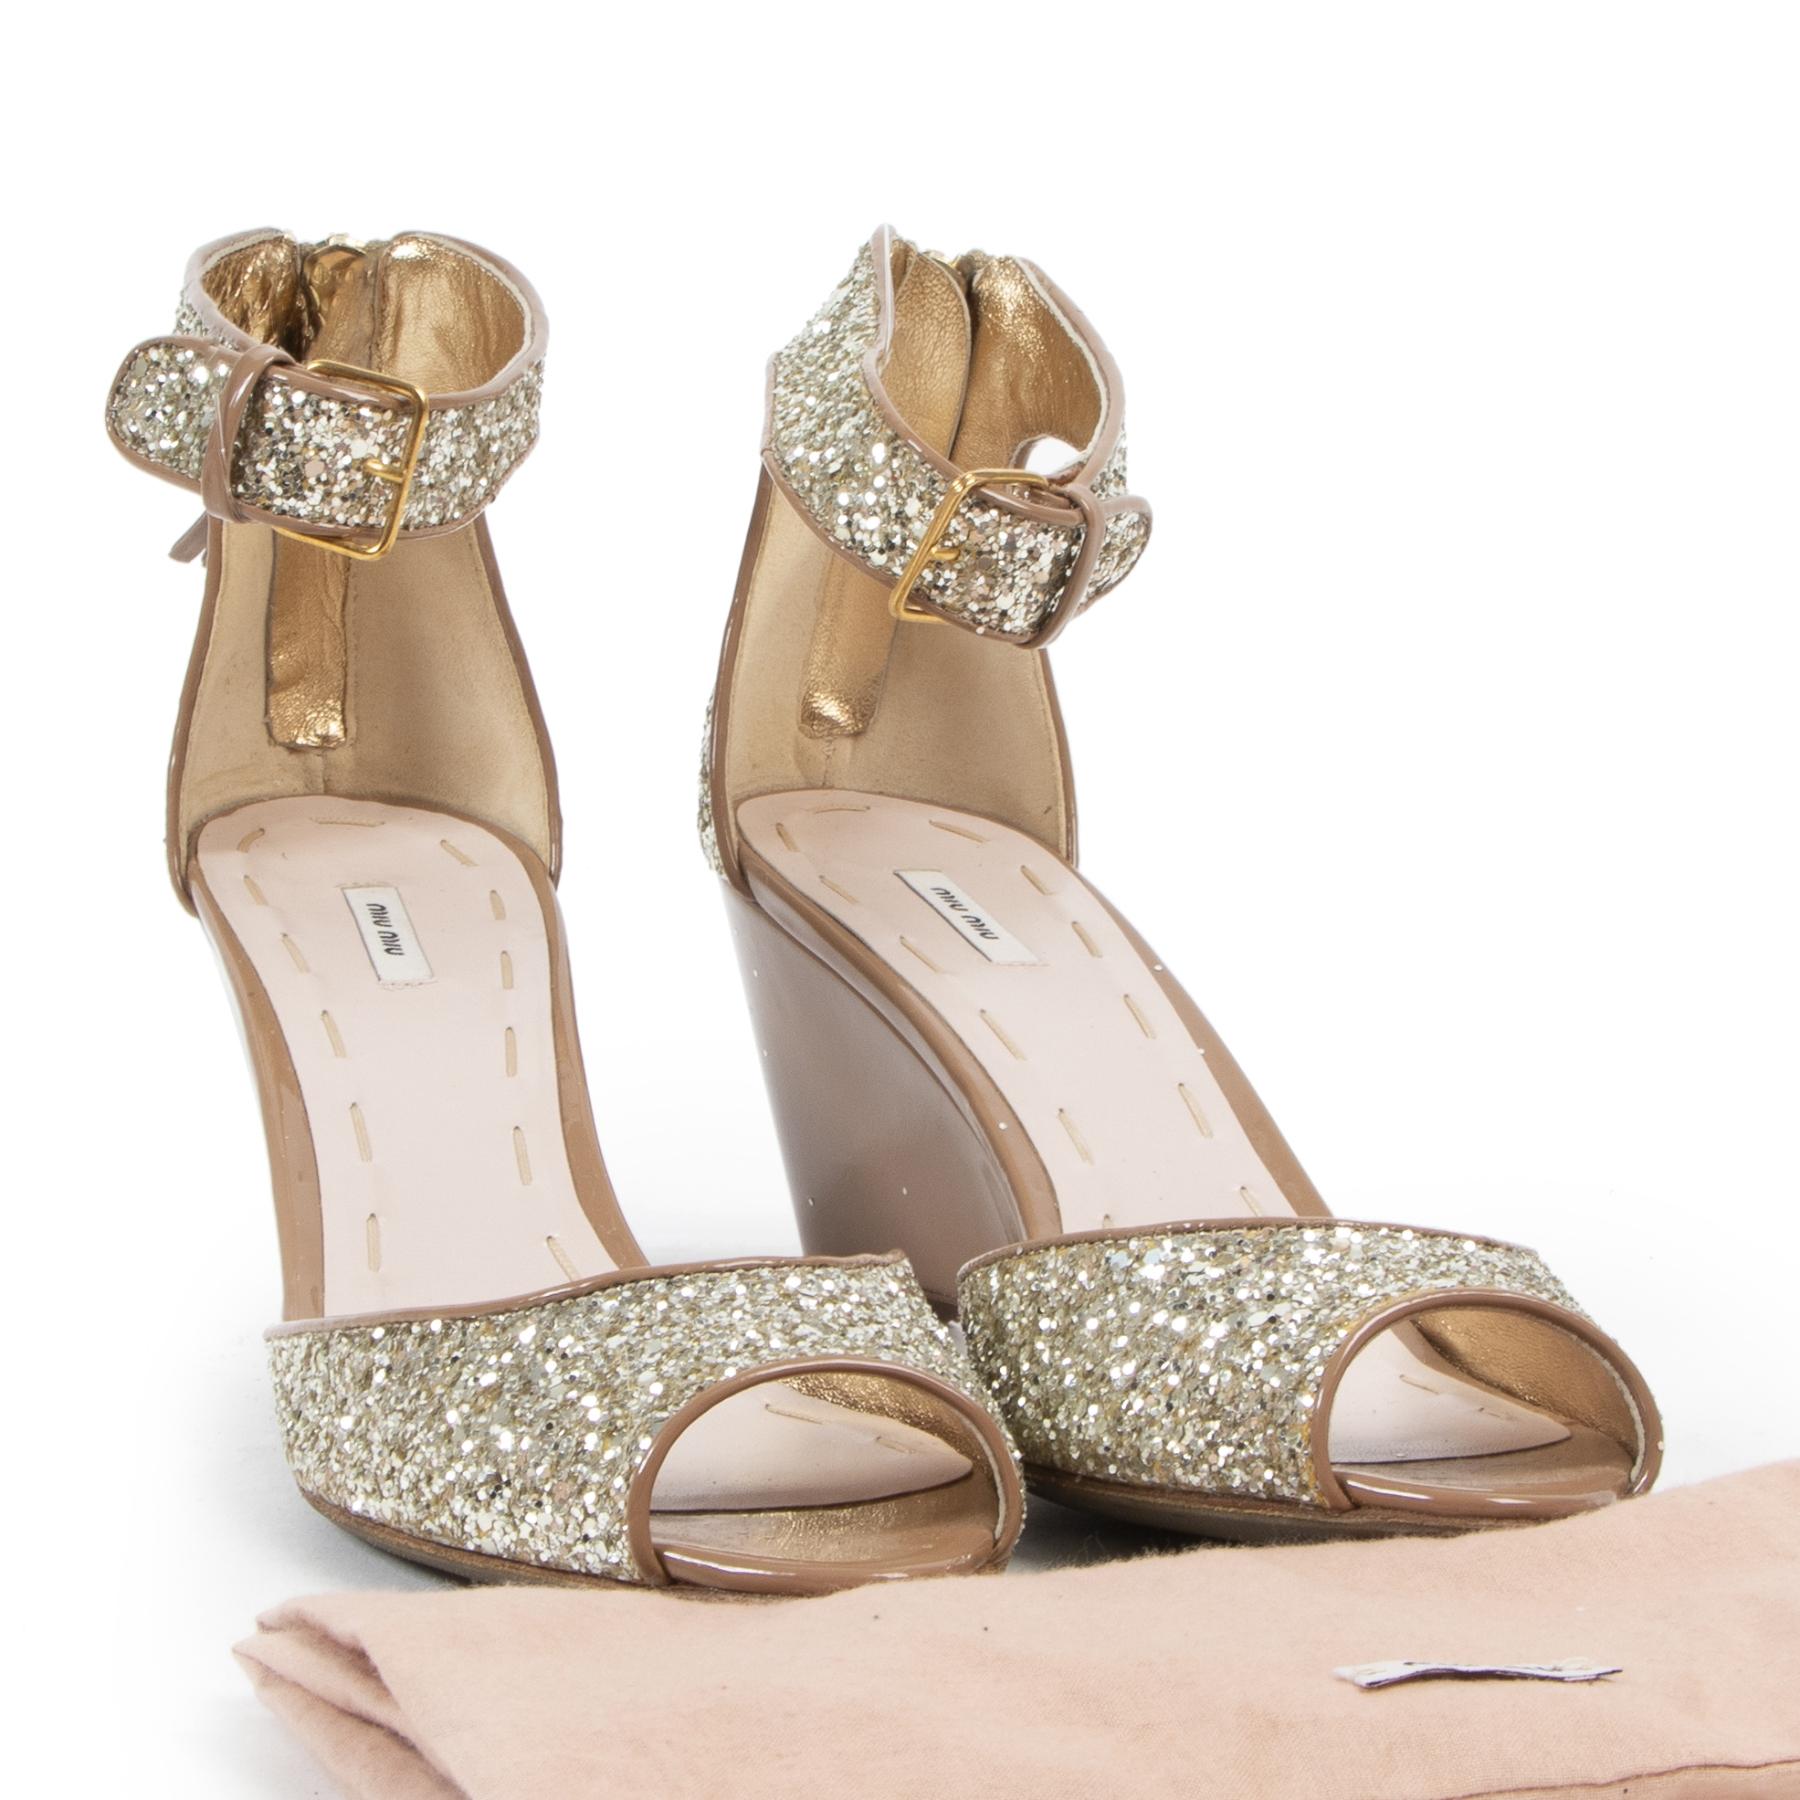 Miu Miu Nude Sequin Sandals kopen en verkopen bij Labellov tweedehands luxe in Antwerpen